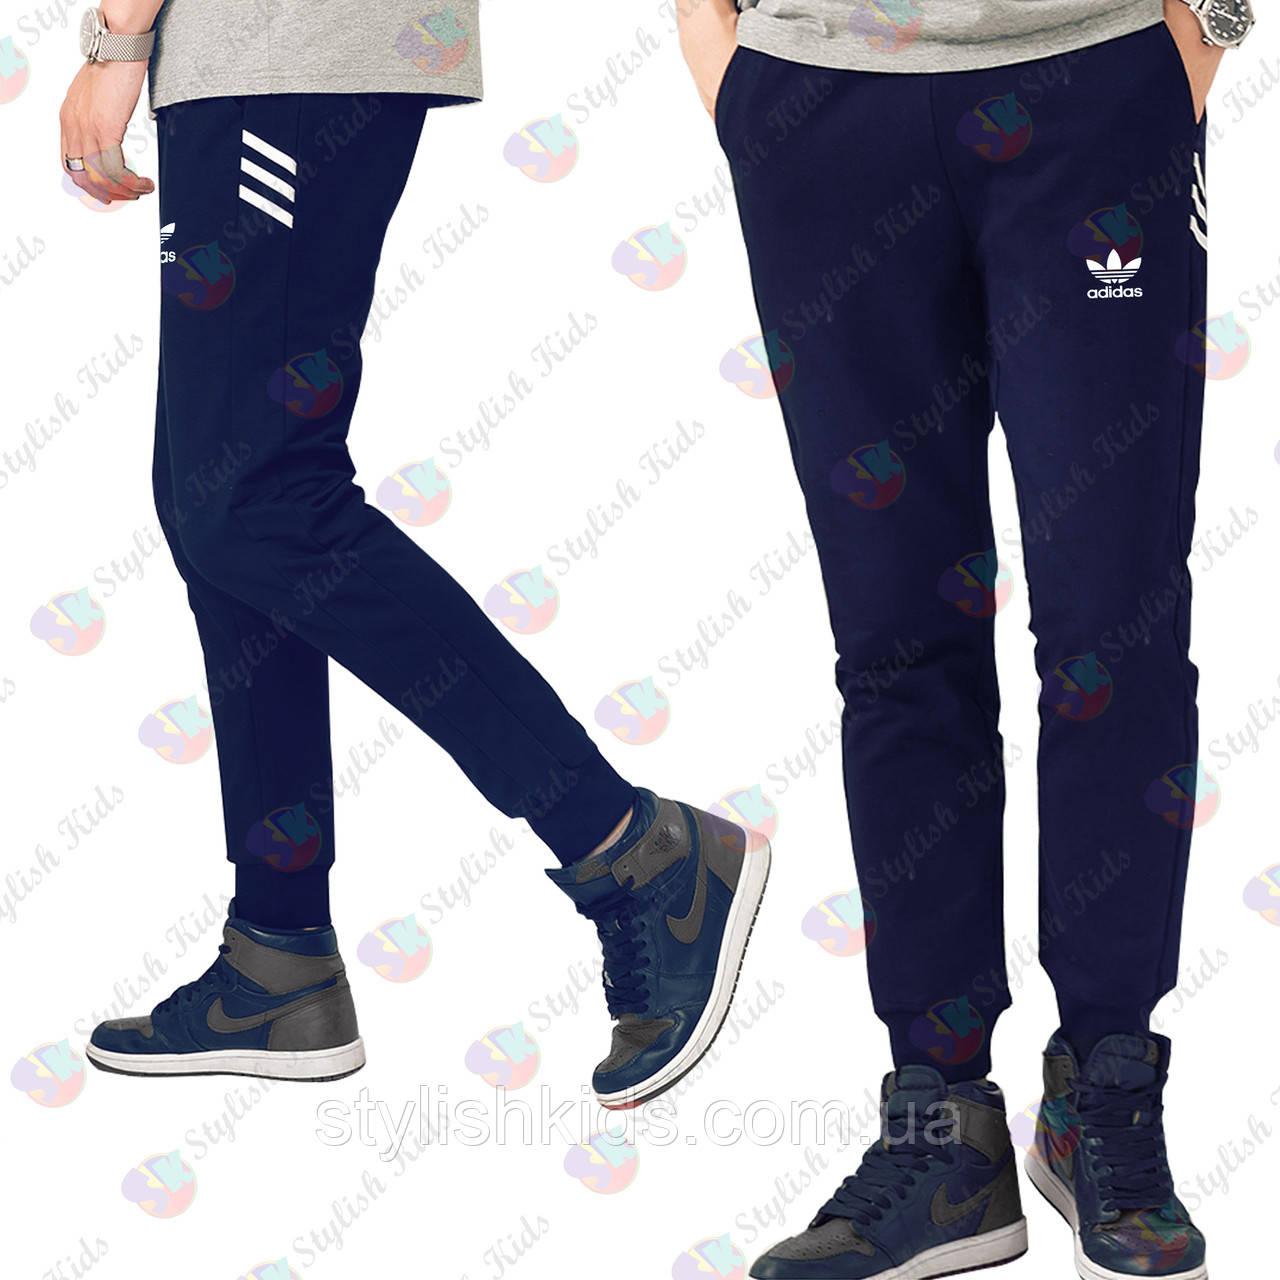 4b9c38a6 Купить спортивные штаны,брюки adidas на подростка. Спортивные брюки на  мальчика купить в Украине